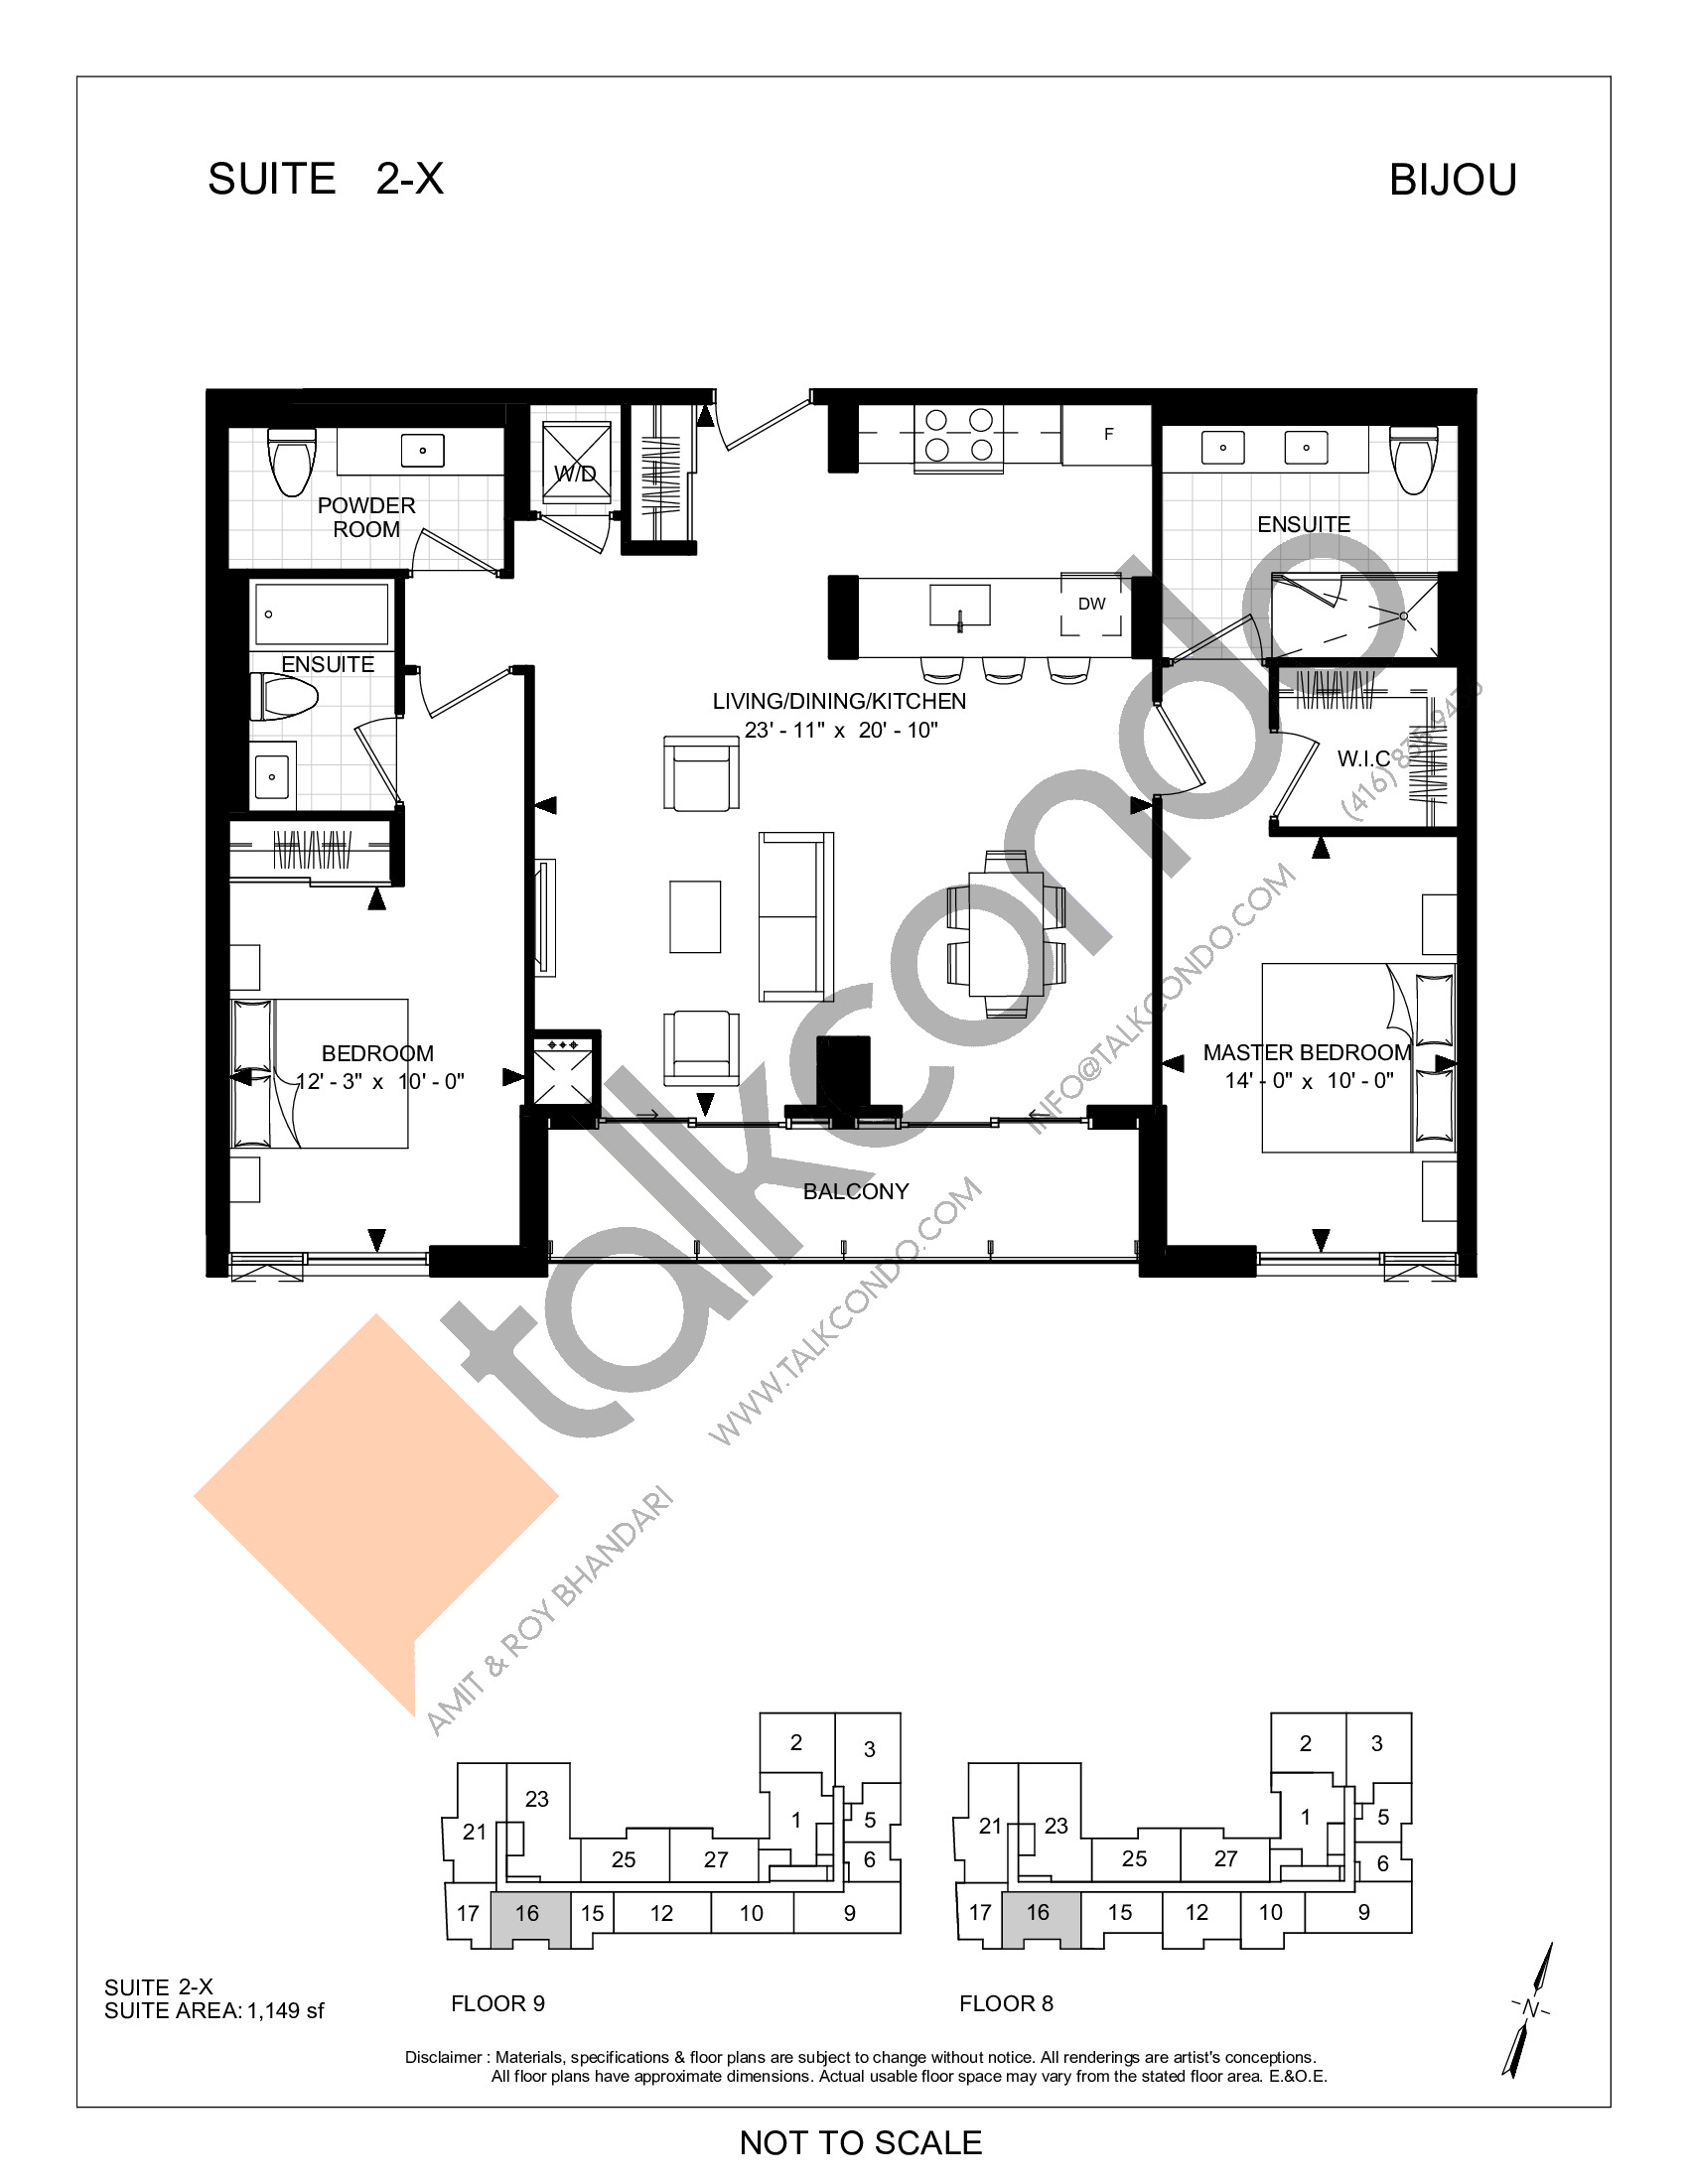 Suite 2-X Floor Plan at Bijou On Bloor Condos - 1149 sq.ft